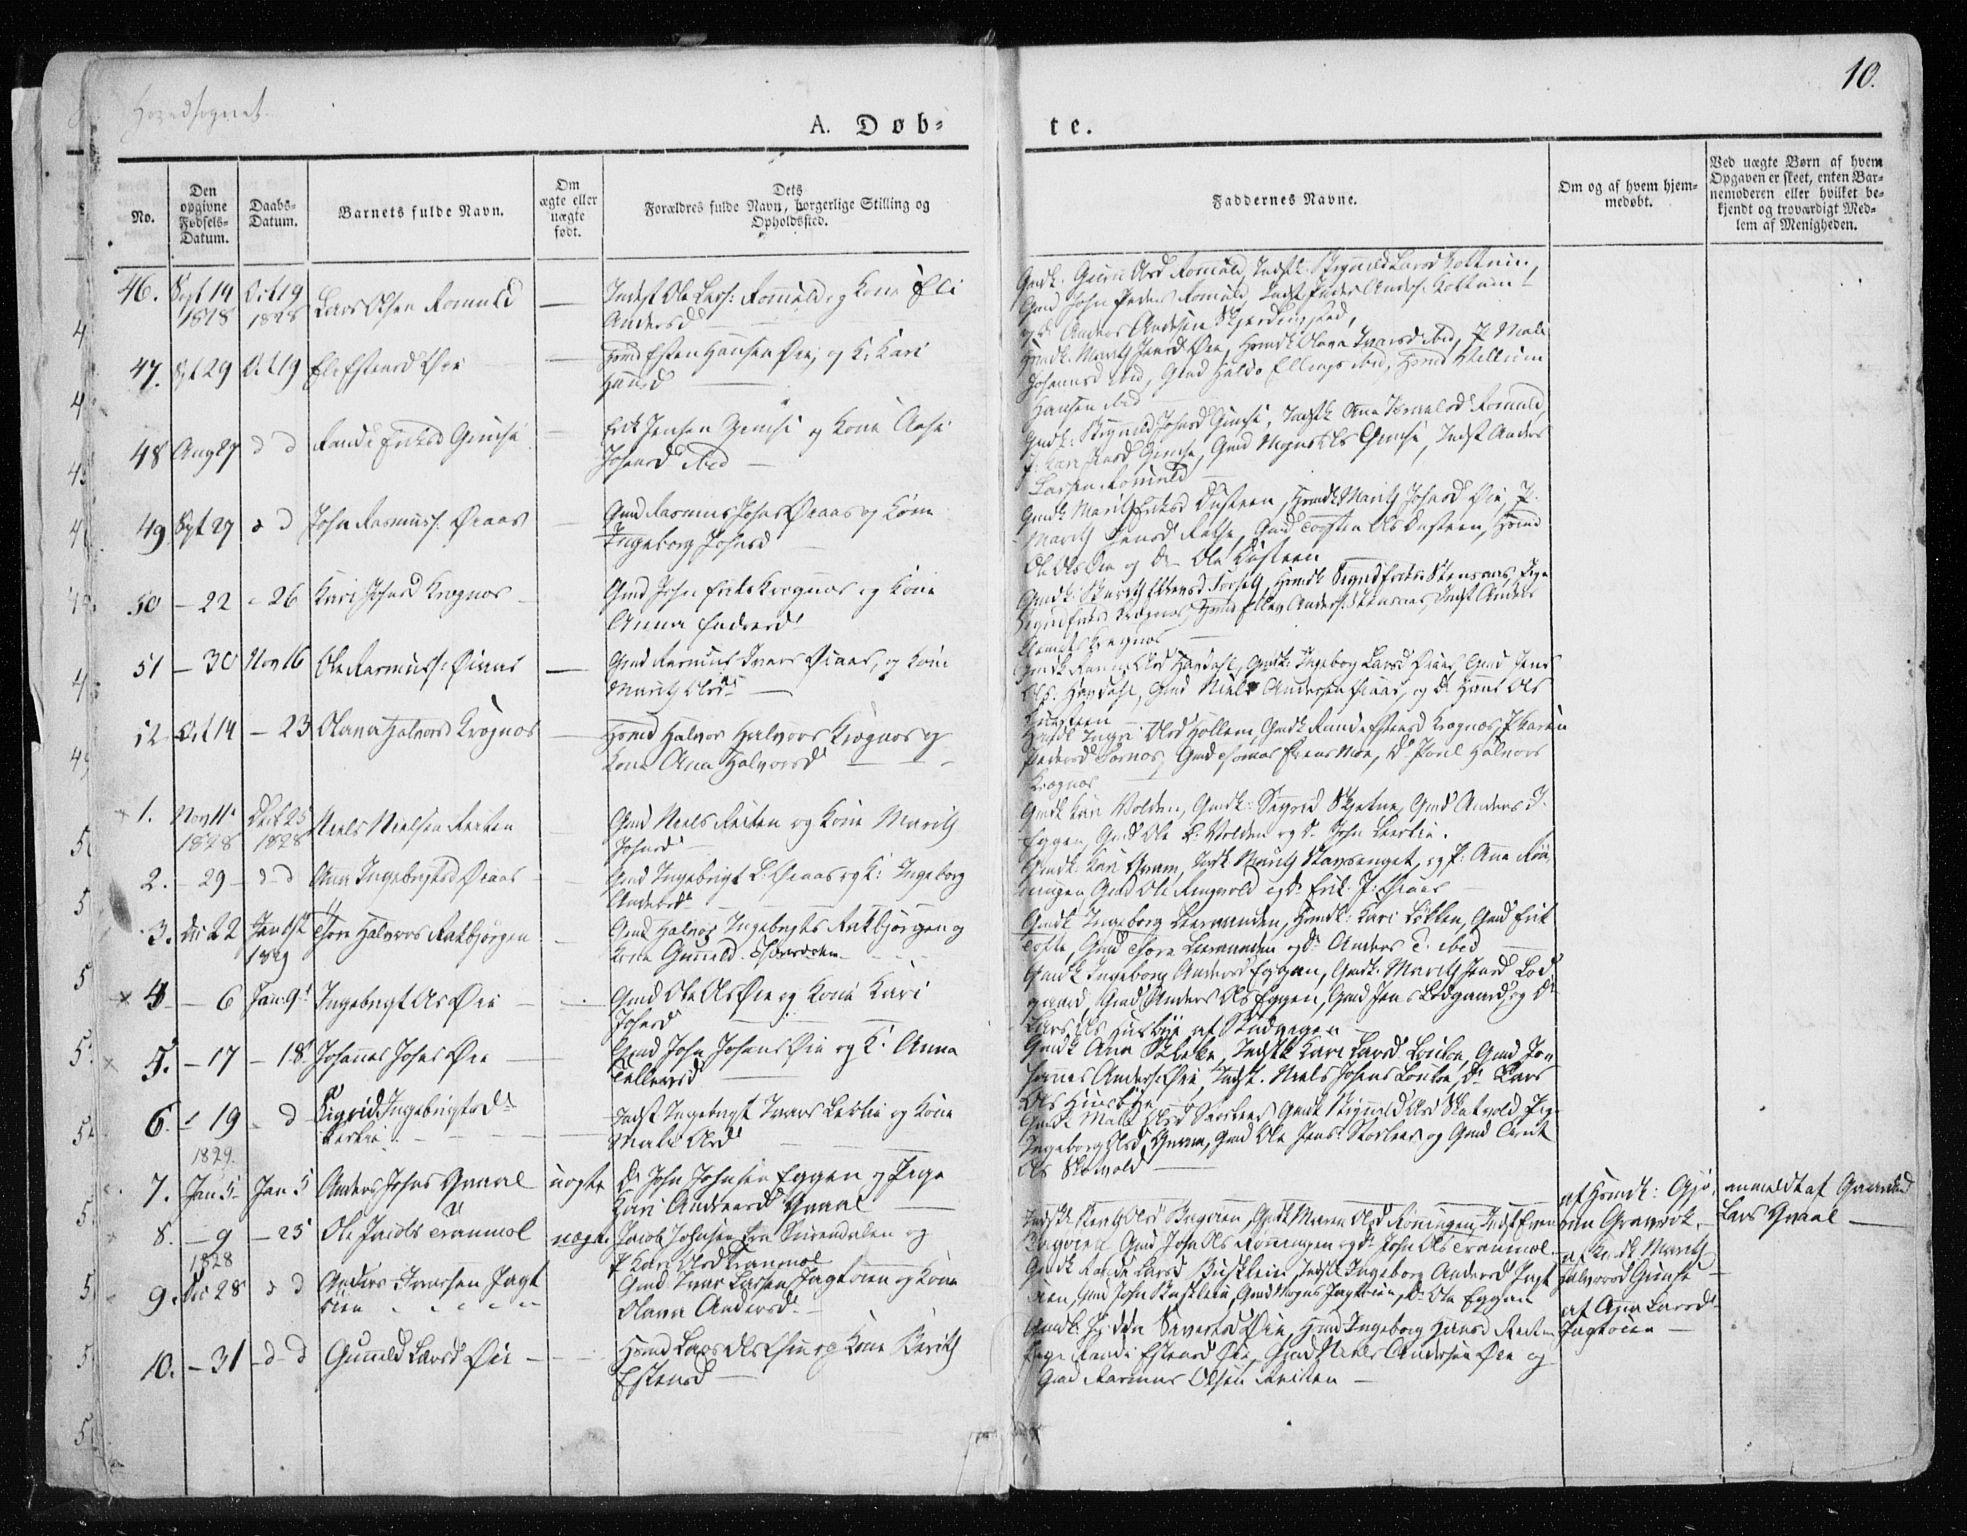 SAT, Ministerialprotokoller, klokkerbøker og fødselsregistre - Sør-Trøndelag, 691/L1069: Ministerialbok nr. 691A04, 1826-1841, s. 10